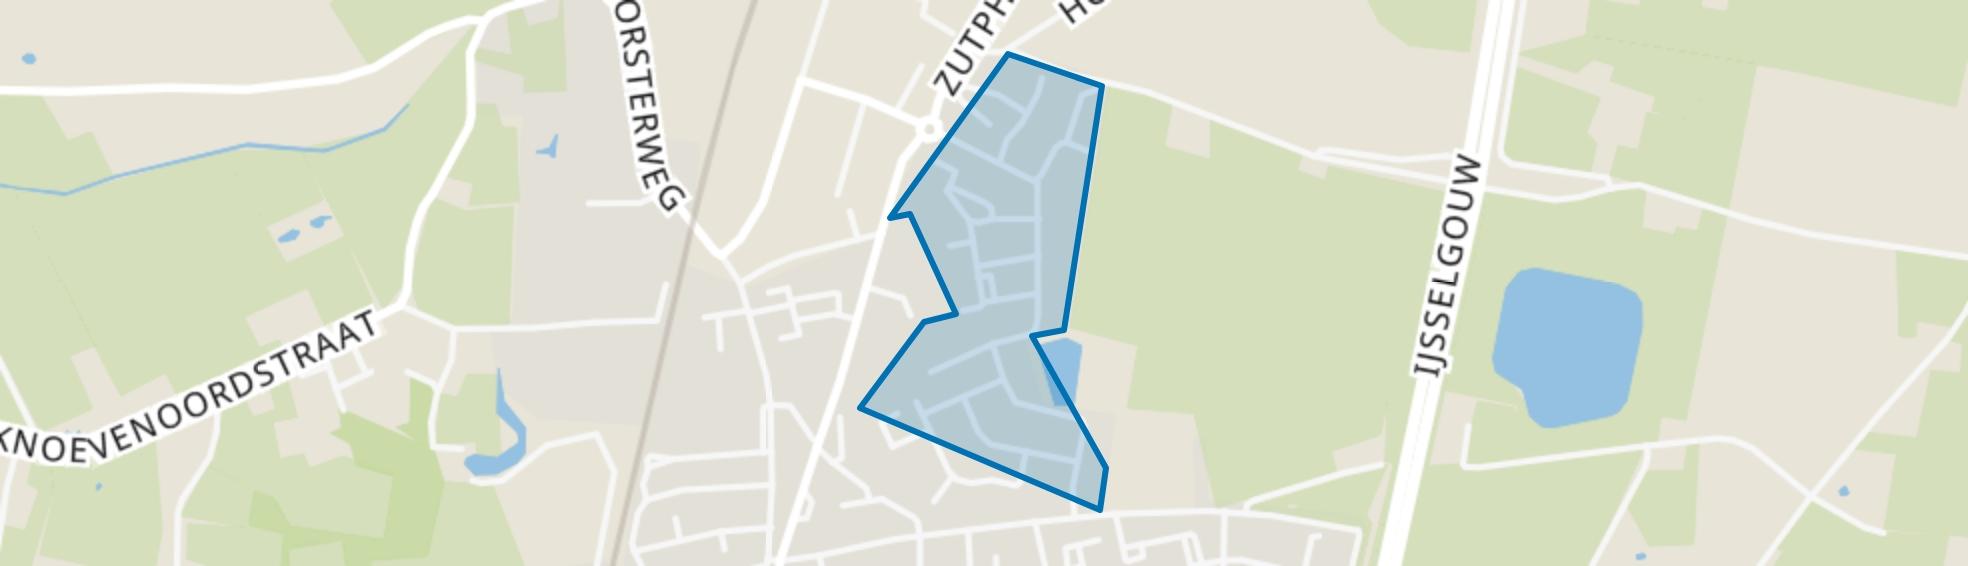 Elzenbos, Brummen map